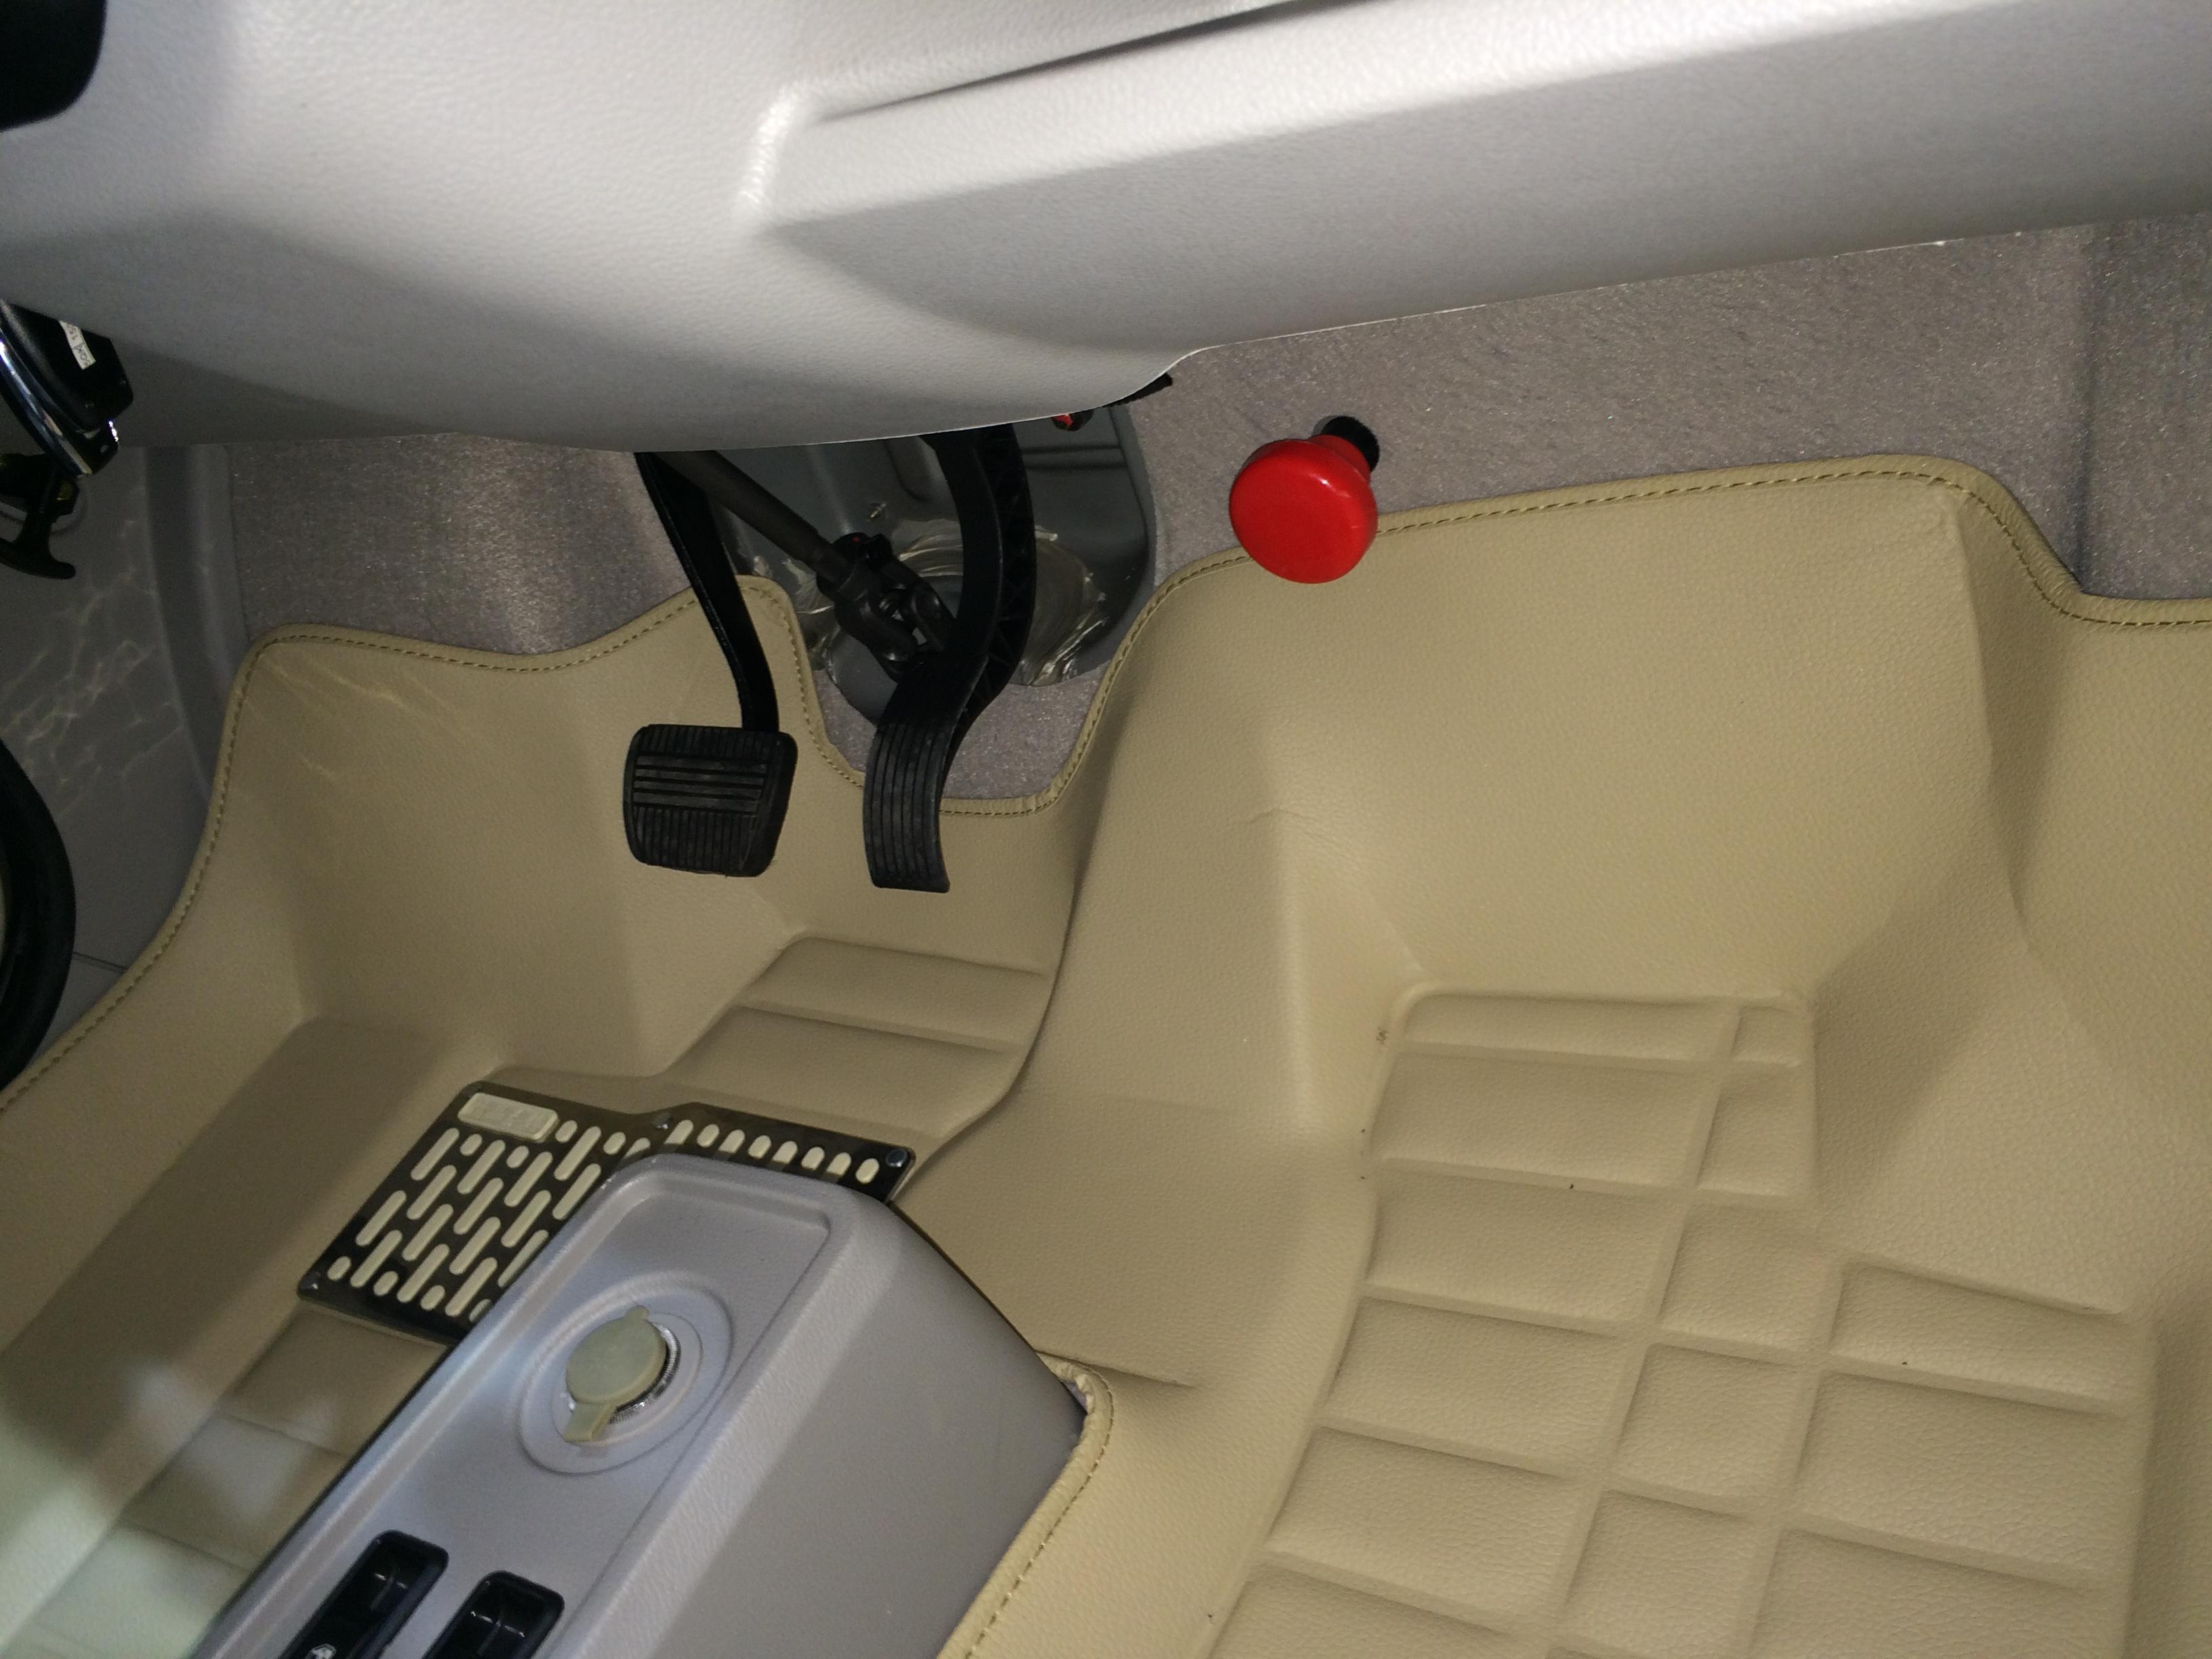 御捷電気自動車専用防水フロアマット御捷A 260 Q 5 Q 6 SUV専用フロアマット